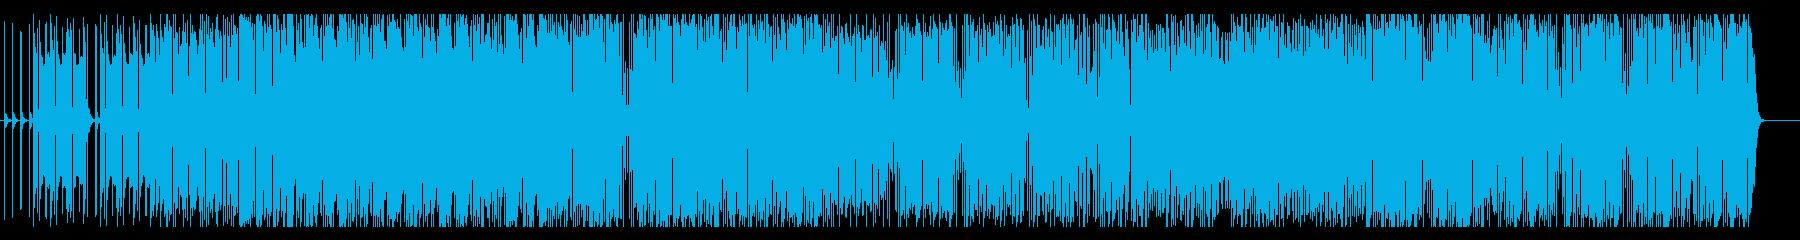 伝統的 ジャズ ビバップ おしゃれ...の再生済みの波形